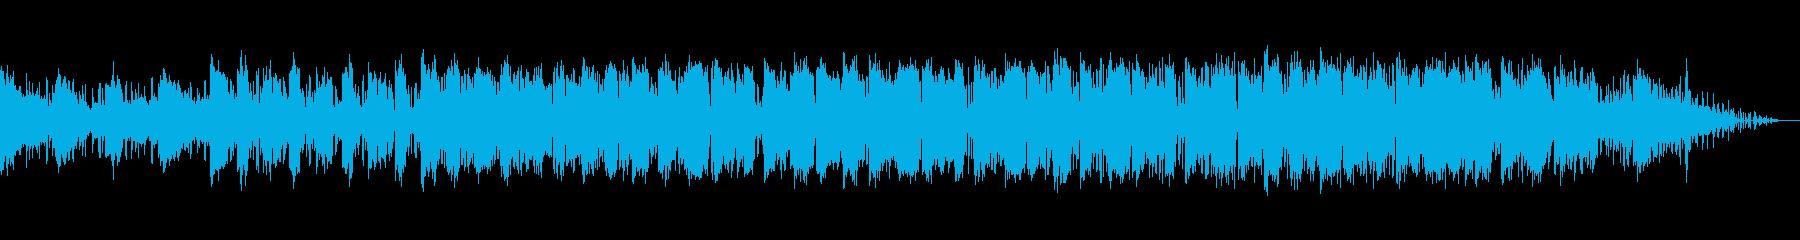 デジタルでリズミックなIDMの再生済みの波形